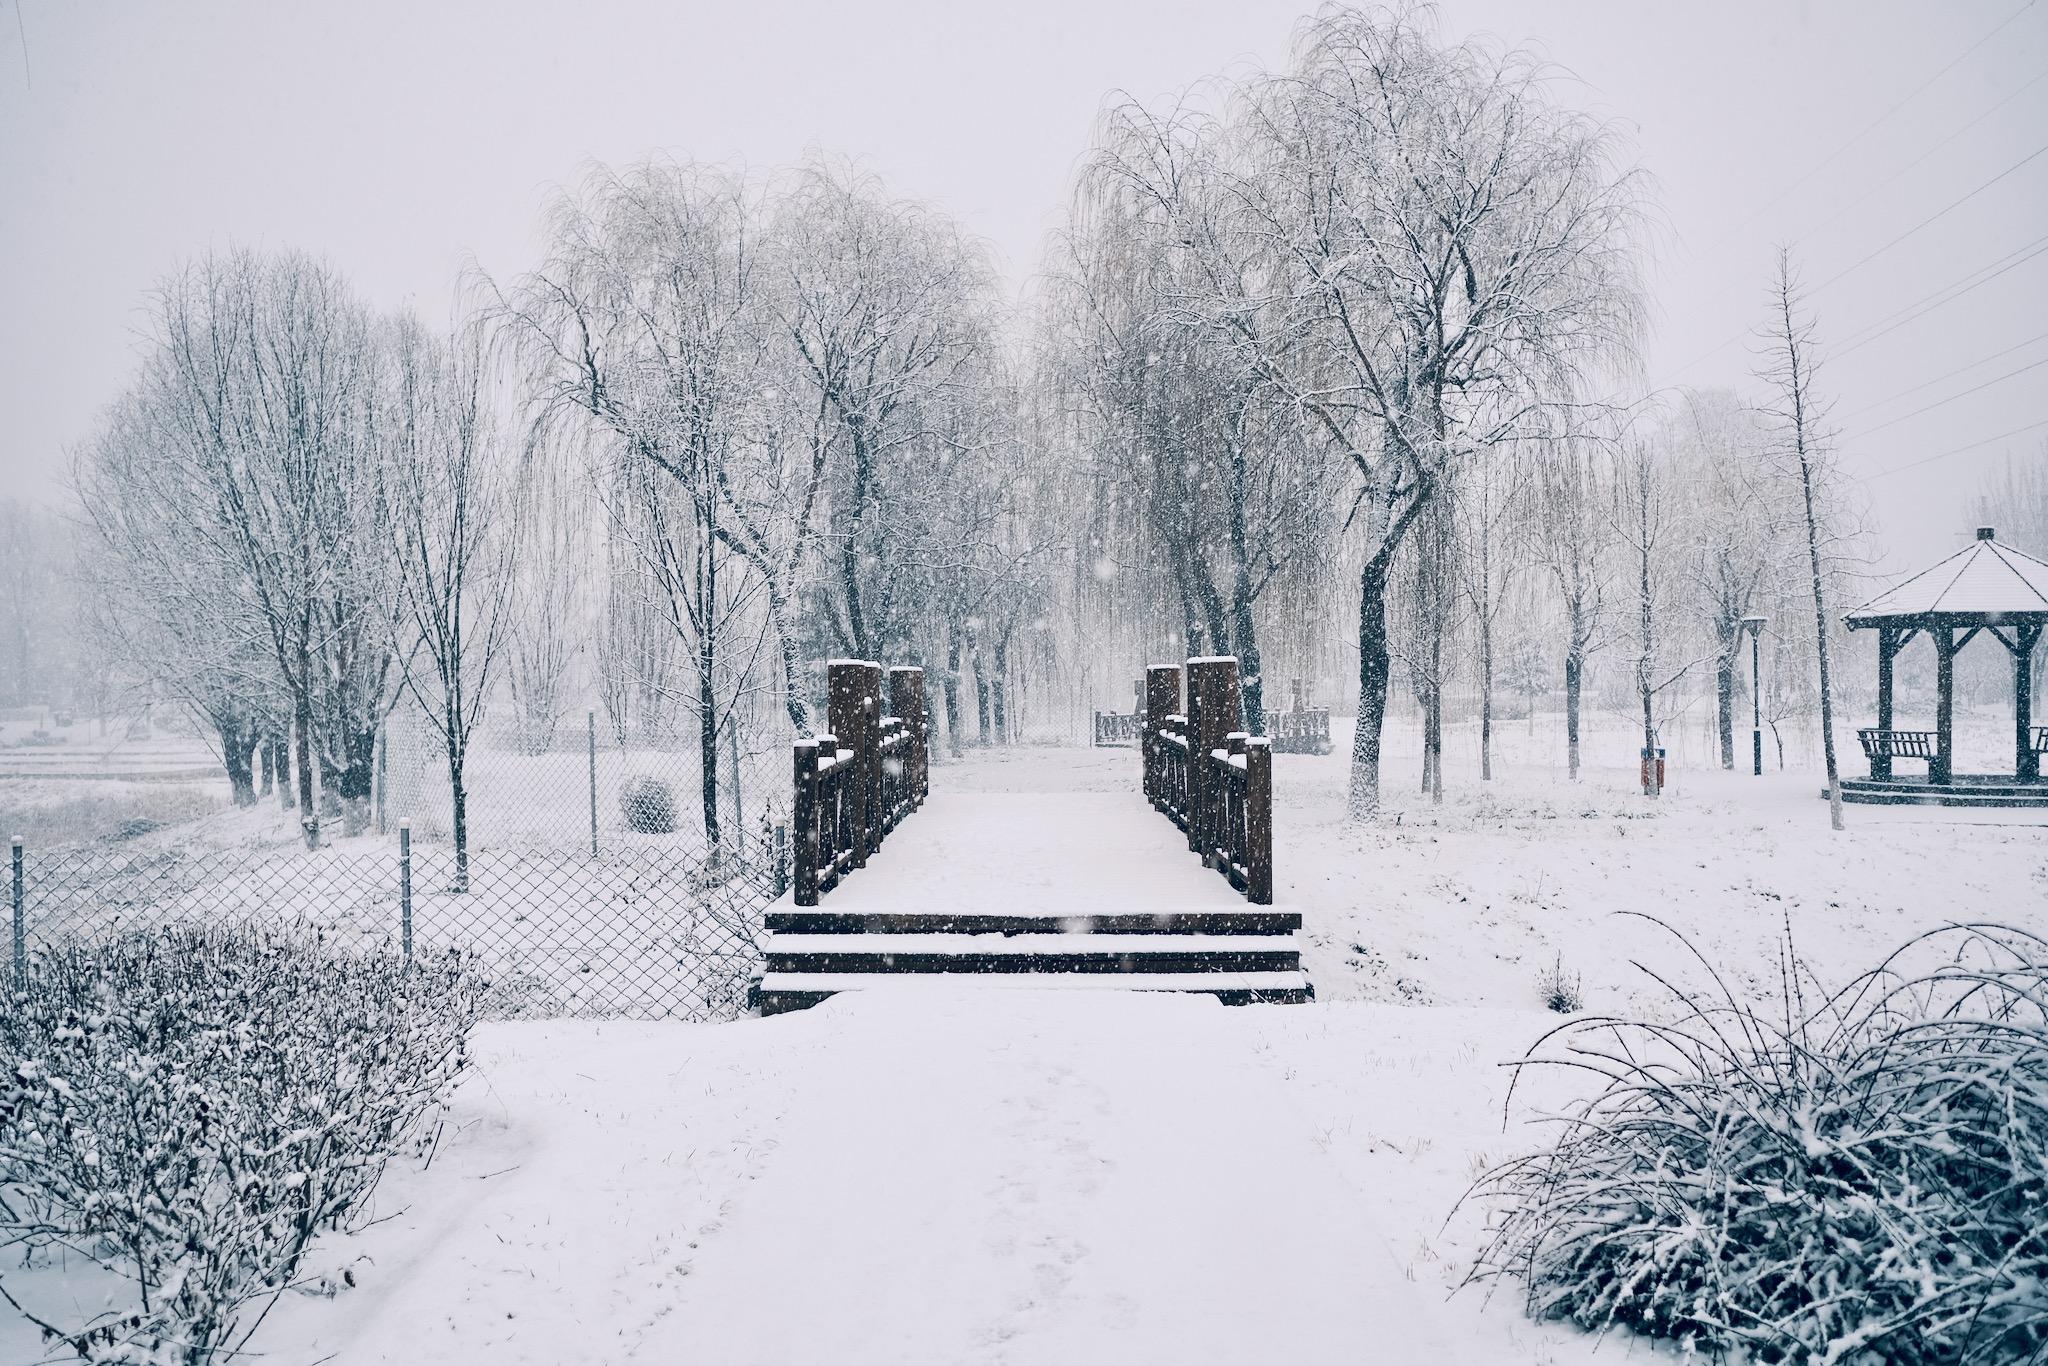 木亭、落雪、柳树